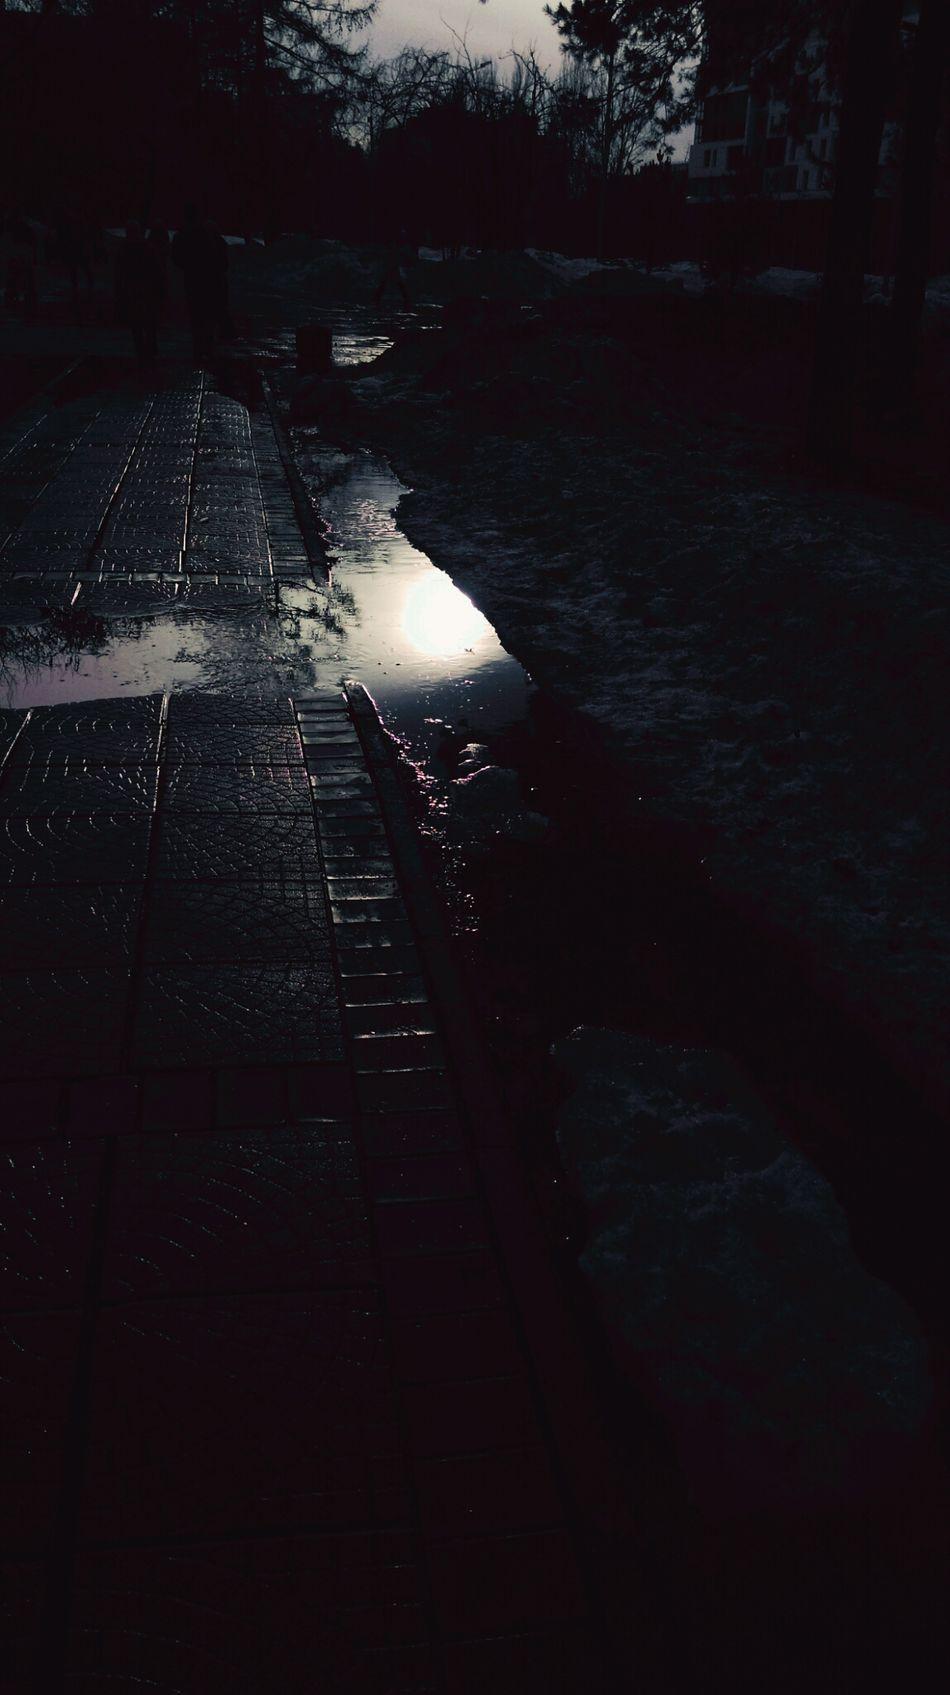 Night Mirror отражение отражение в воде отражение_в_лужах отражениевводе вечер вечерняяпрогулка Вечерний Новосибирск